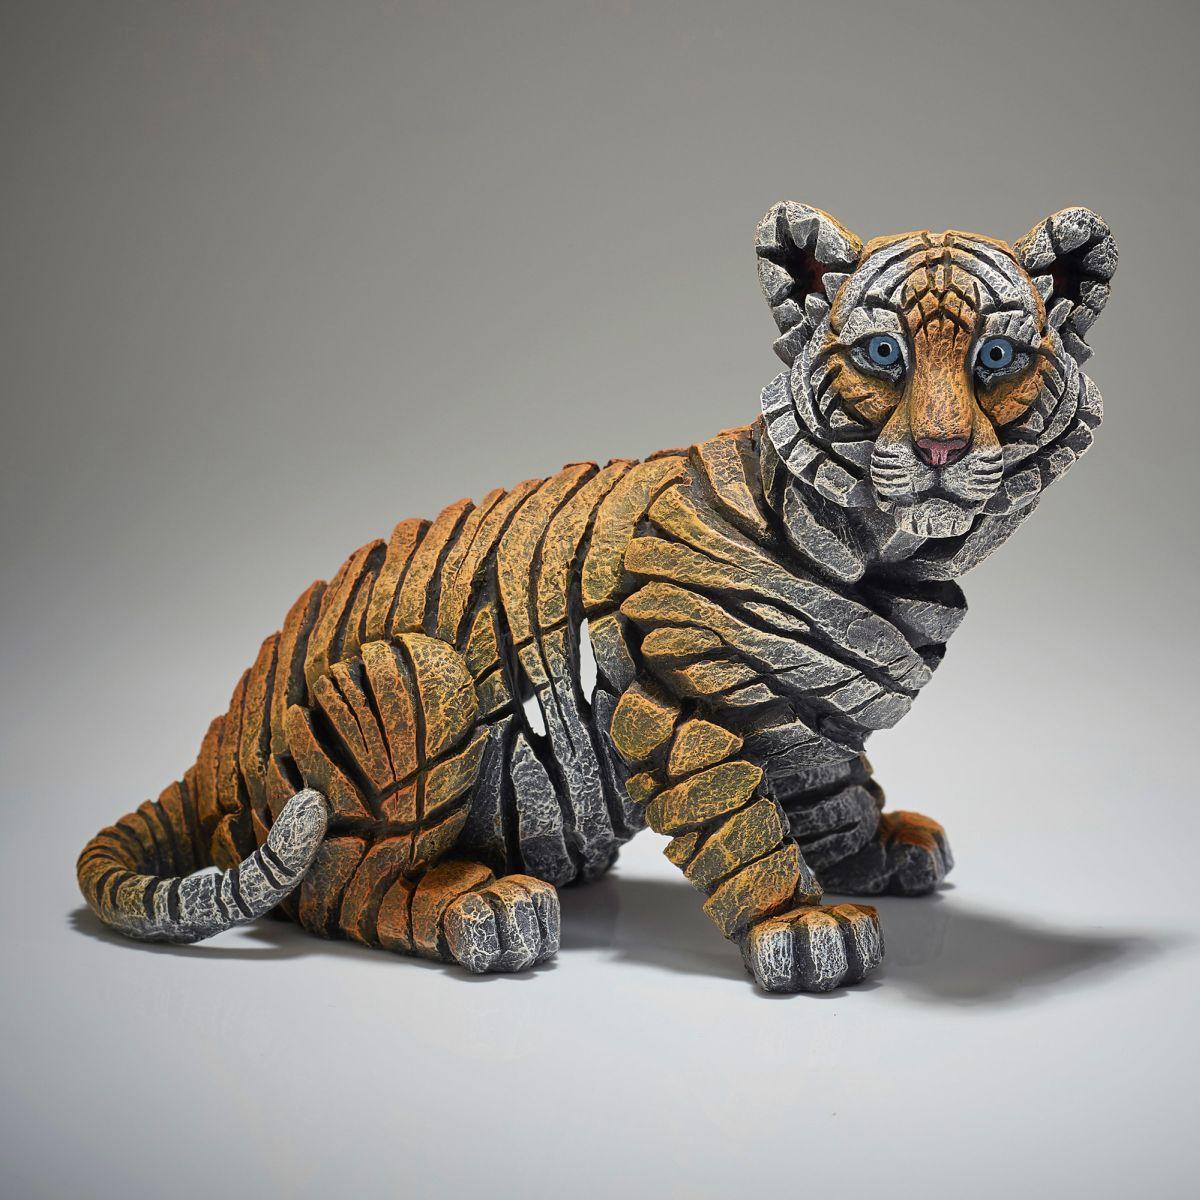 Edge Tiger Cub